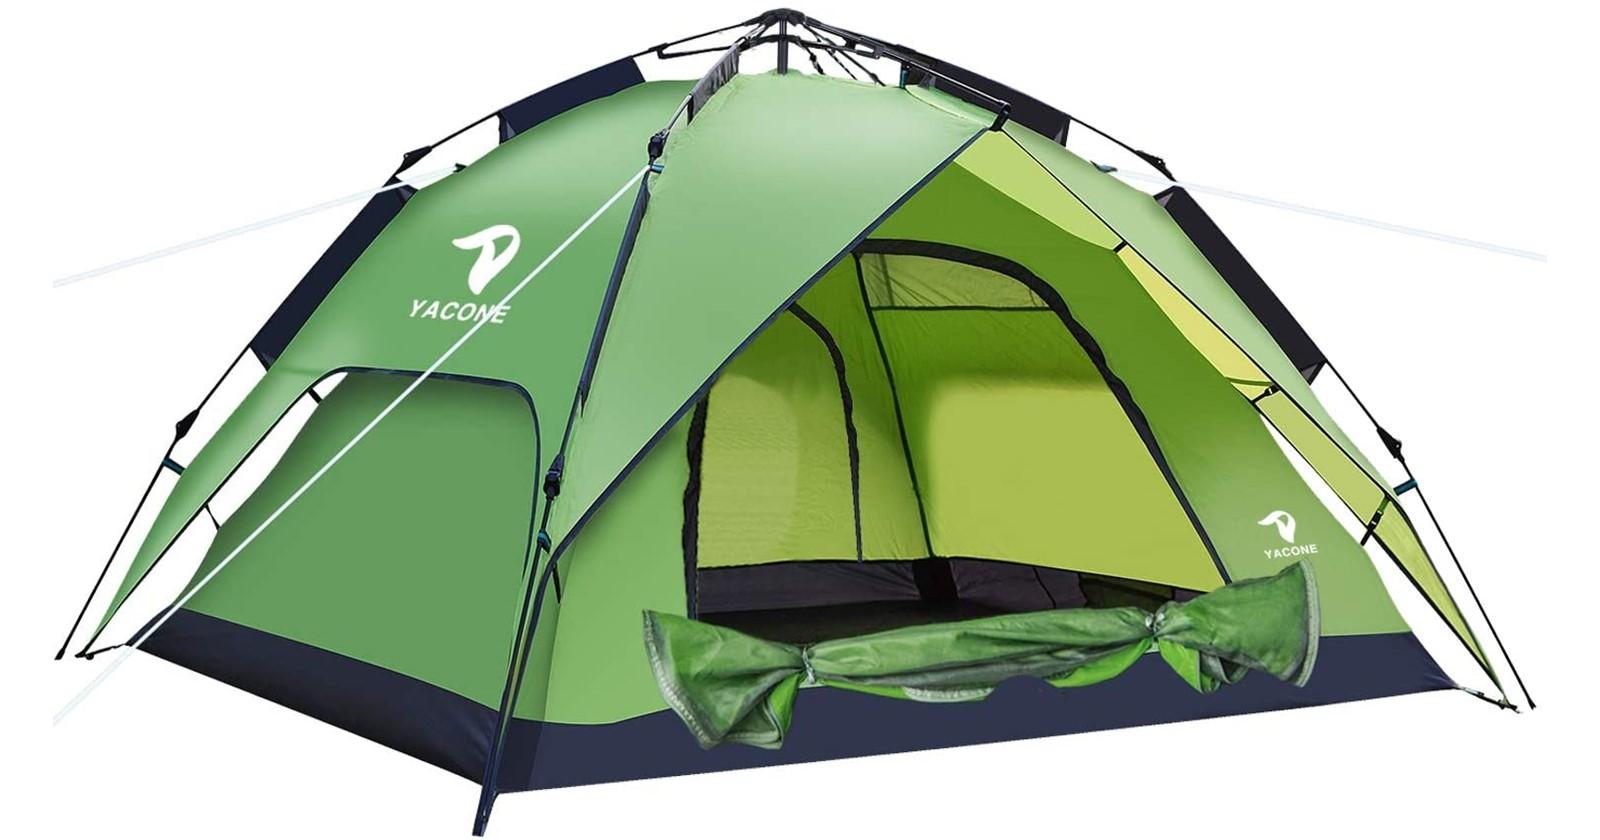 Amazonタイムセールで様々なテントが安い!夏の御天道様の日差しから守ってくれる御テント様を探そう